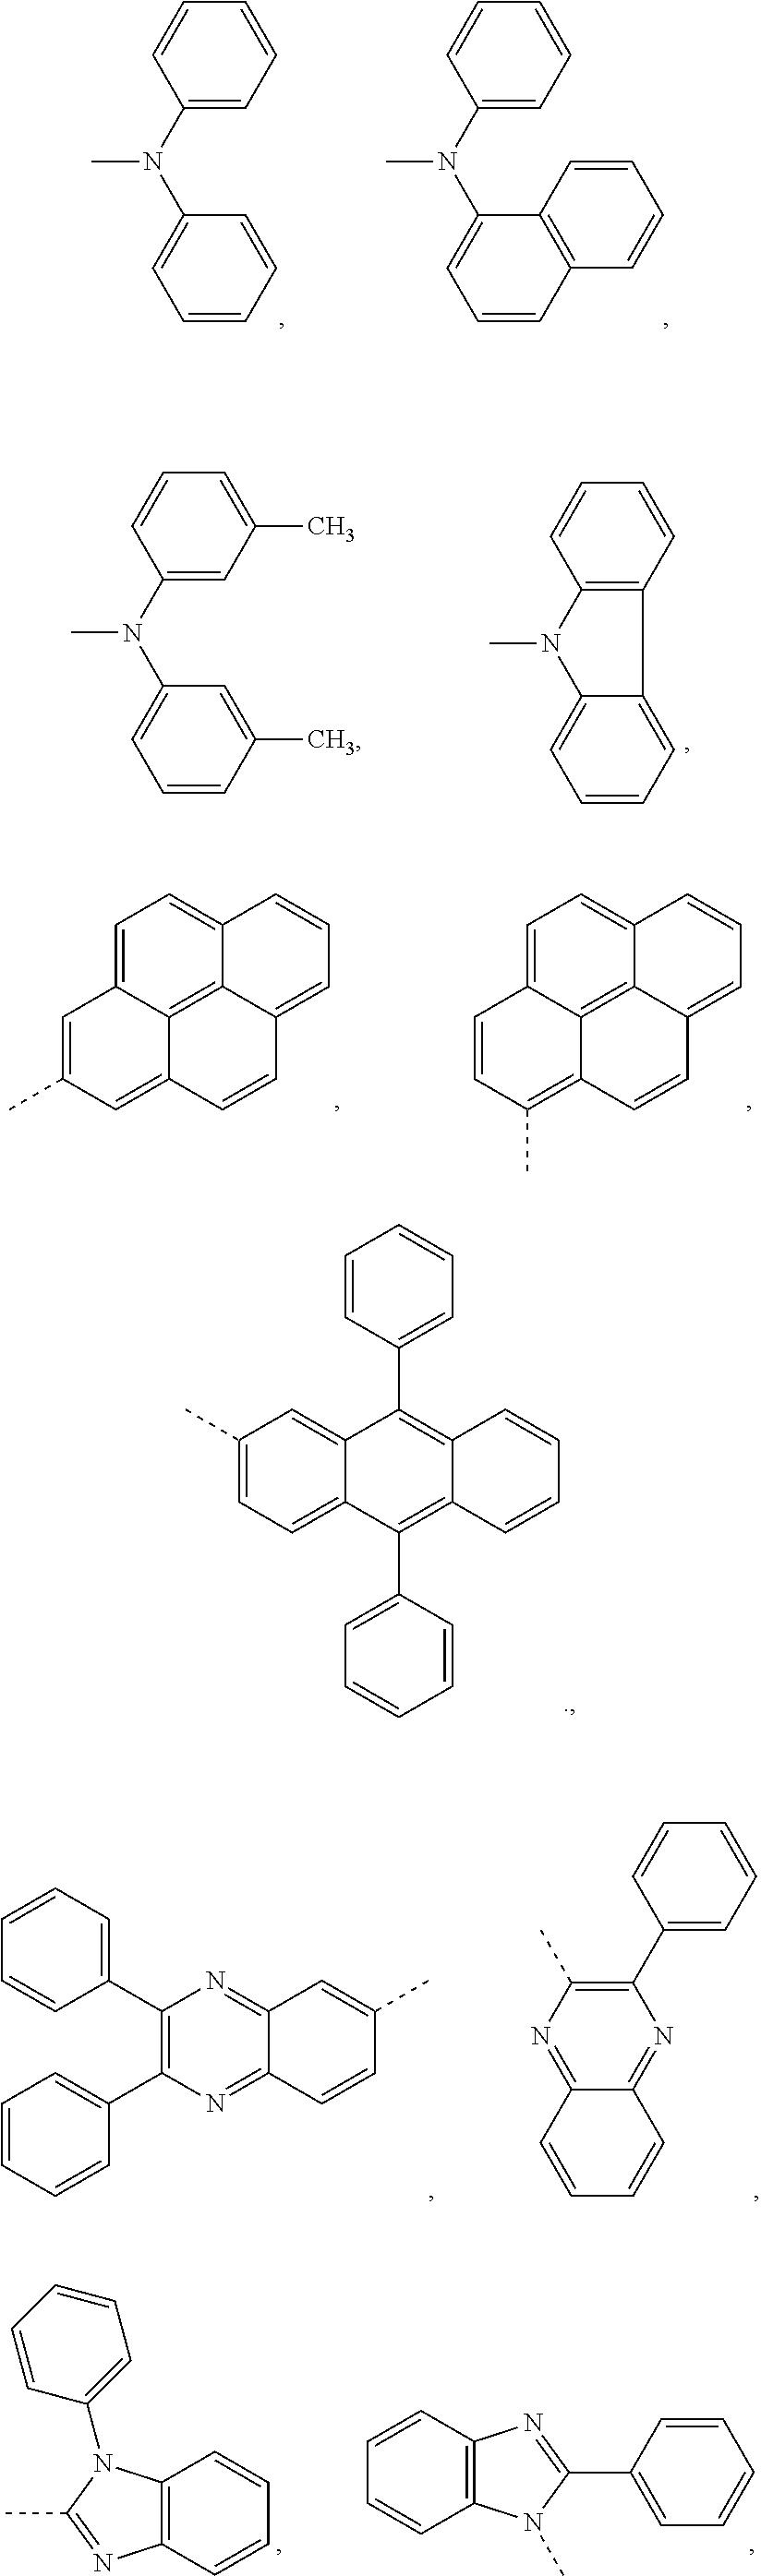 Figure US09079872-20150714-C00043